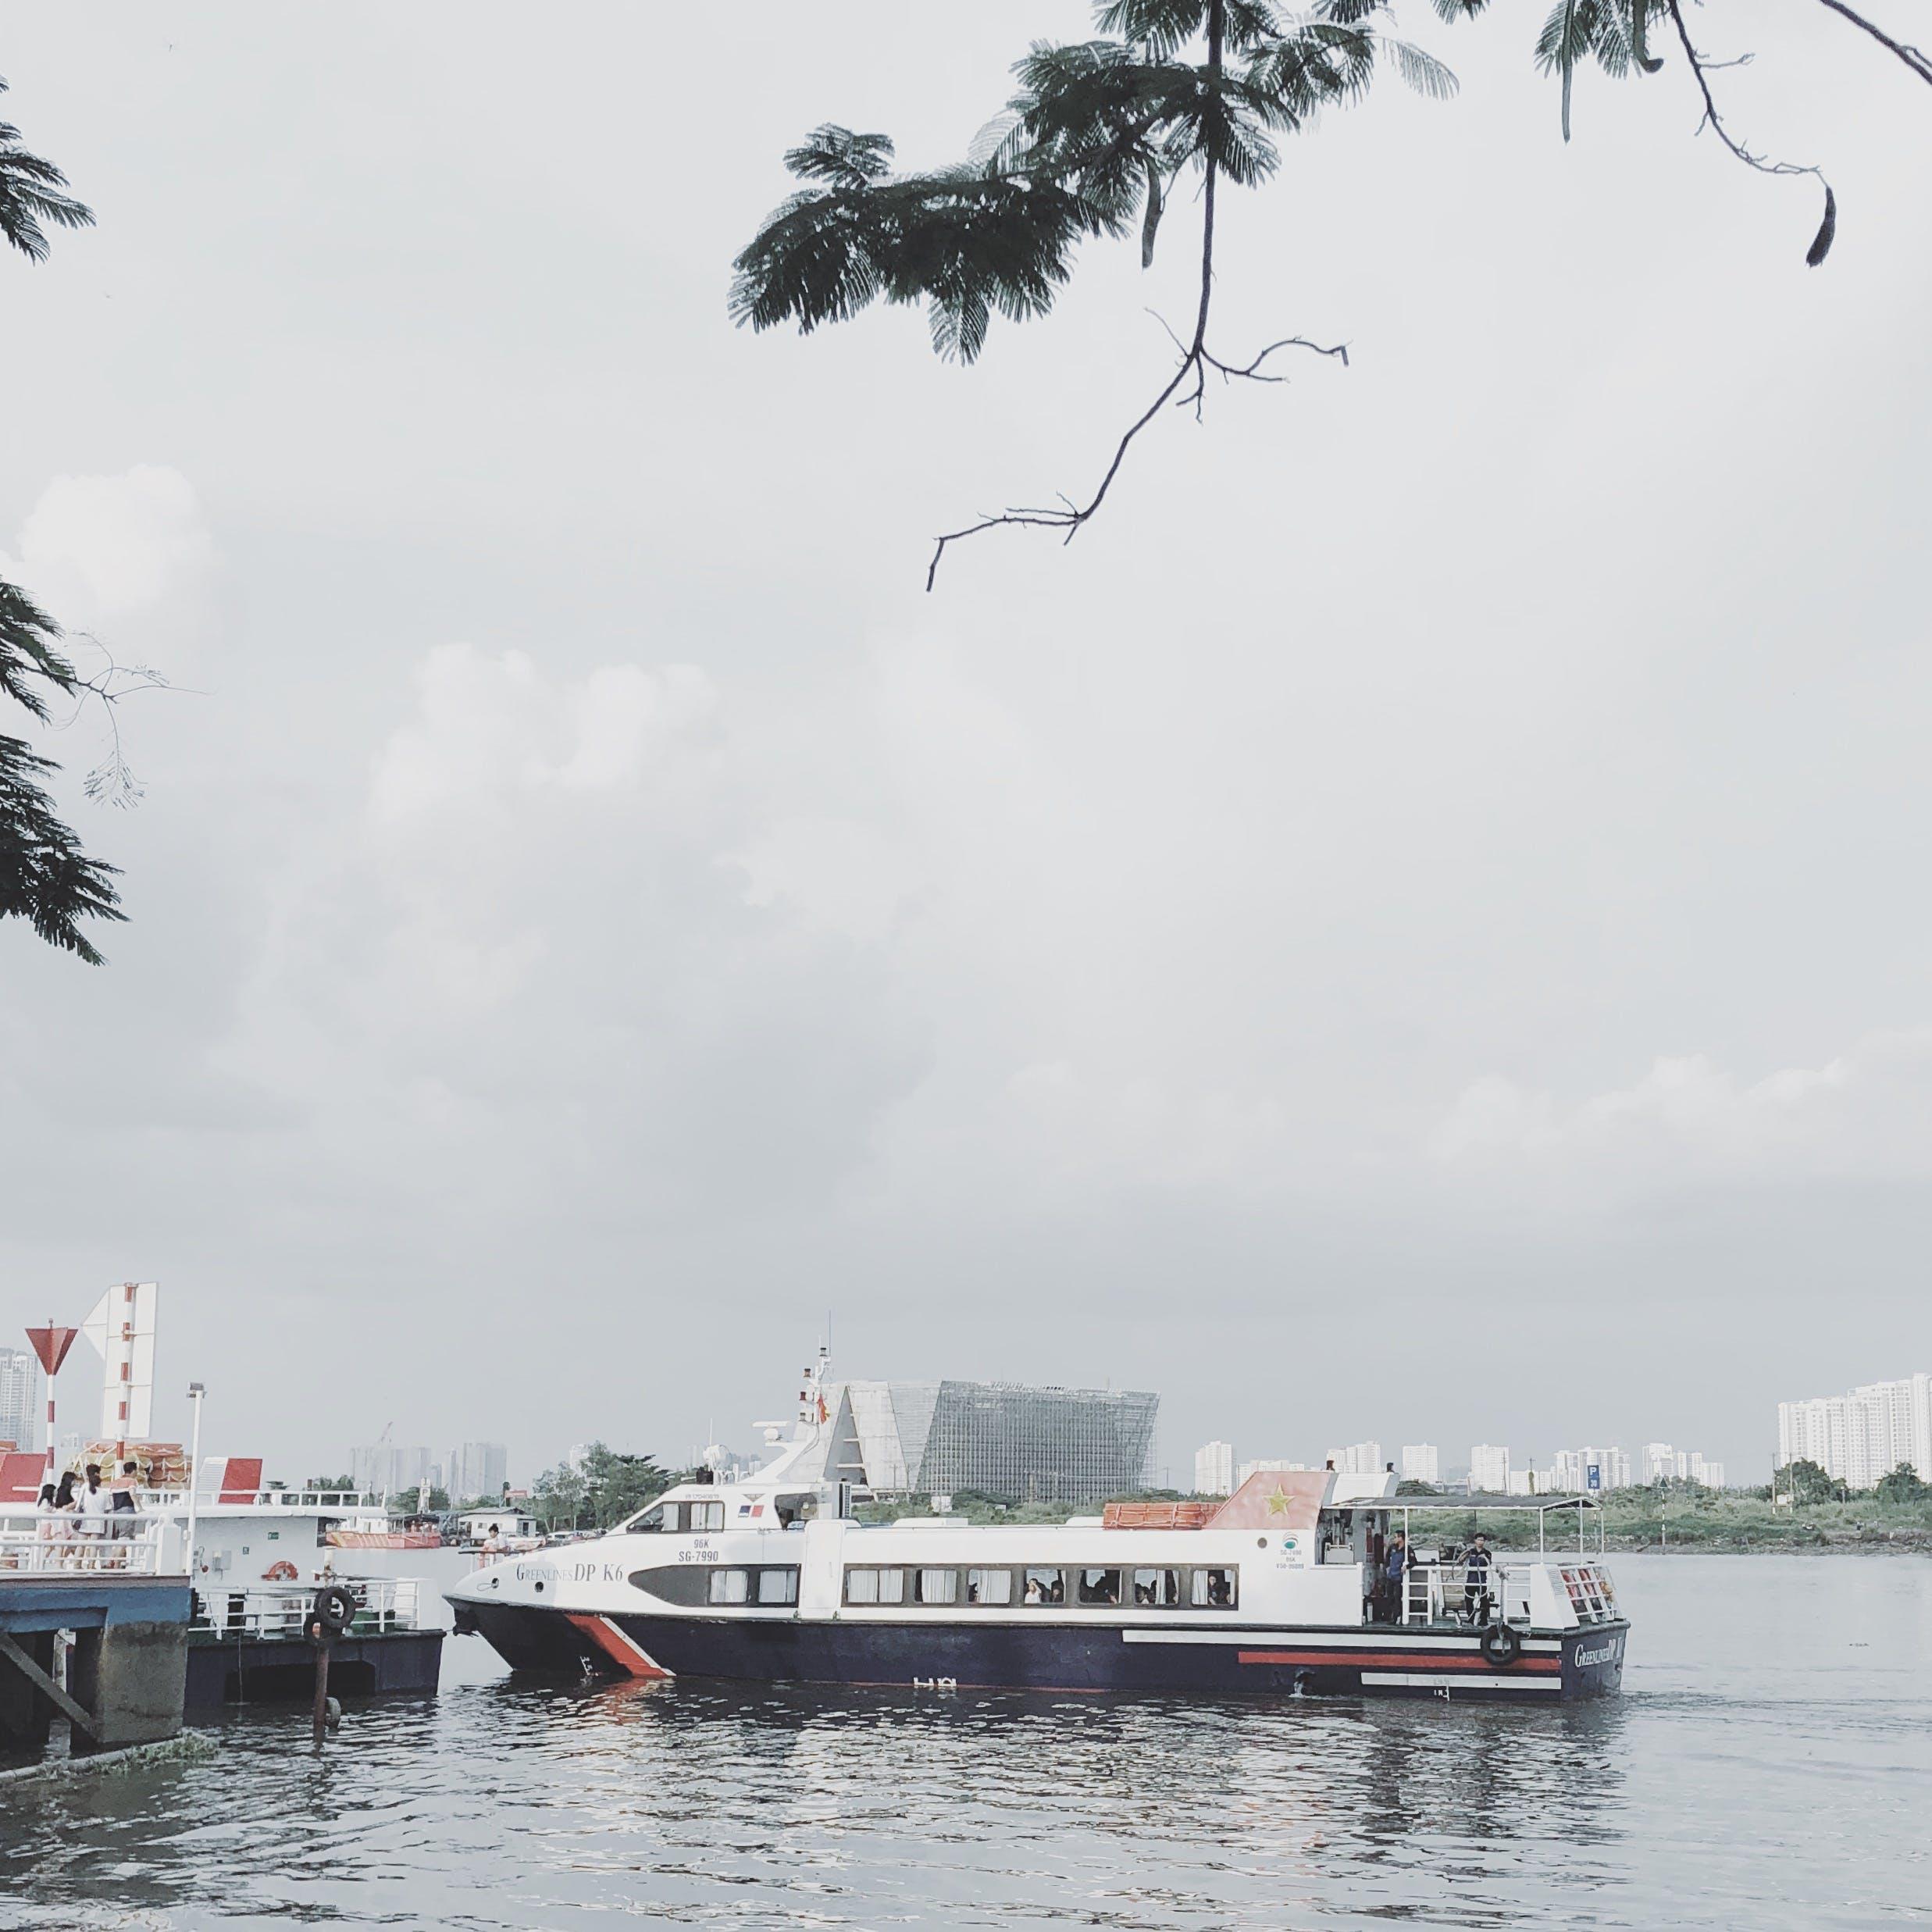 Δωρεάν στοκ φωτογραφιών με βάρκα, γέφυρα, επιστρέφω, επιστρέφοντας, ουρανός